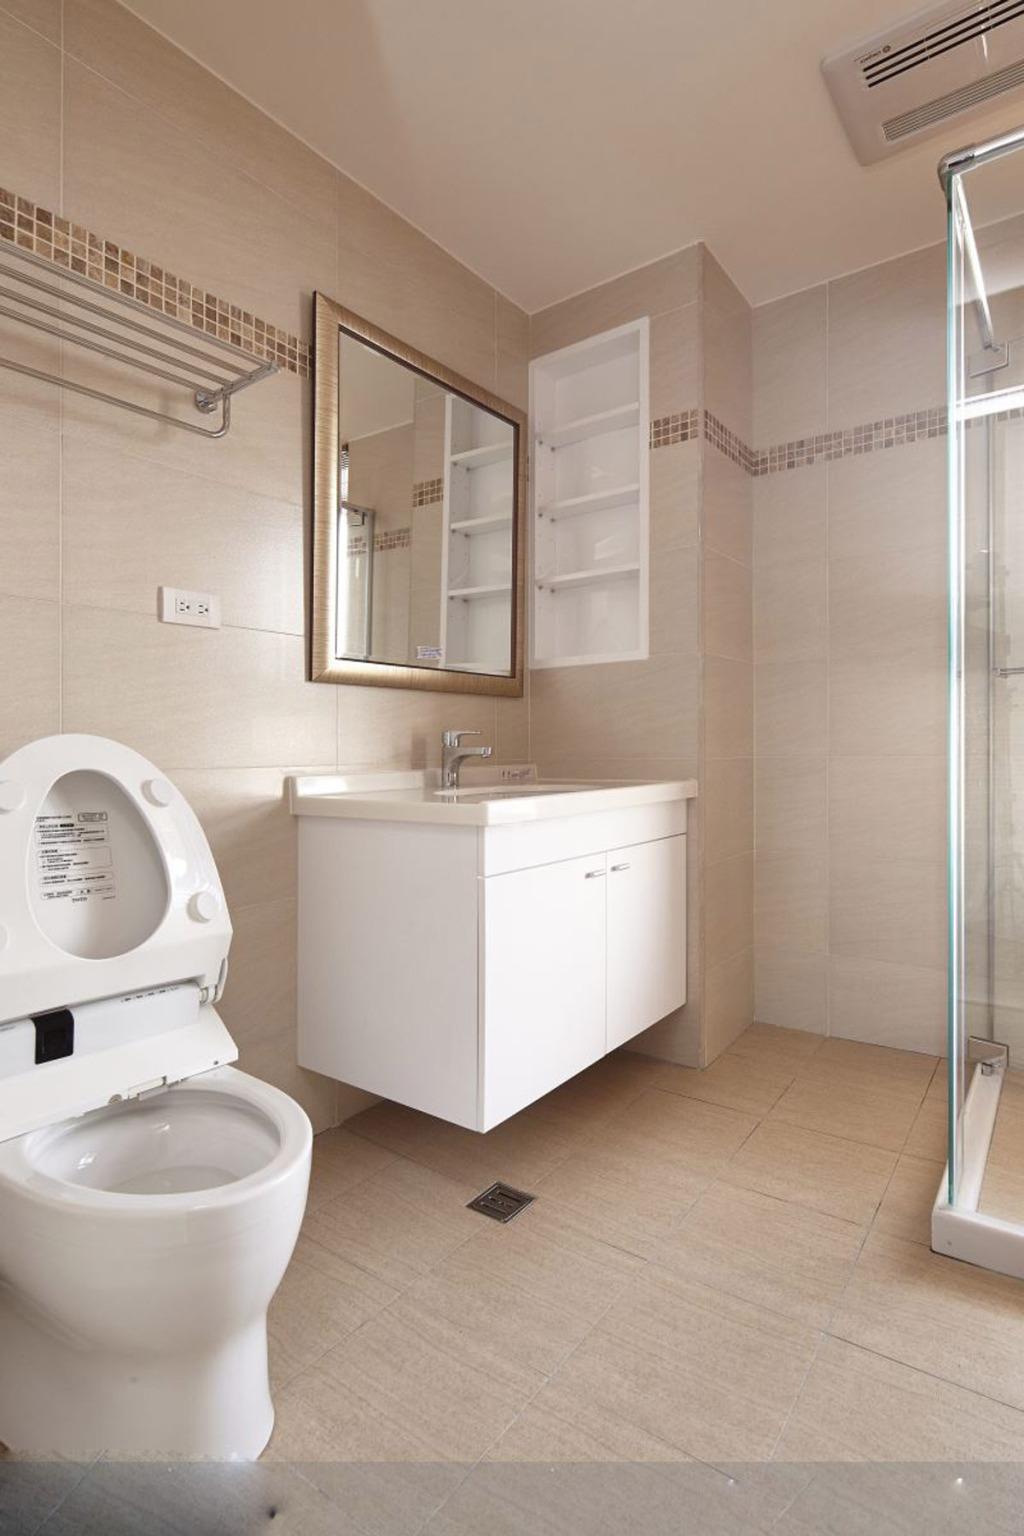 首页 装修图片 浴室图片-最新浴室图片大全  浴室装修效果图106图片